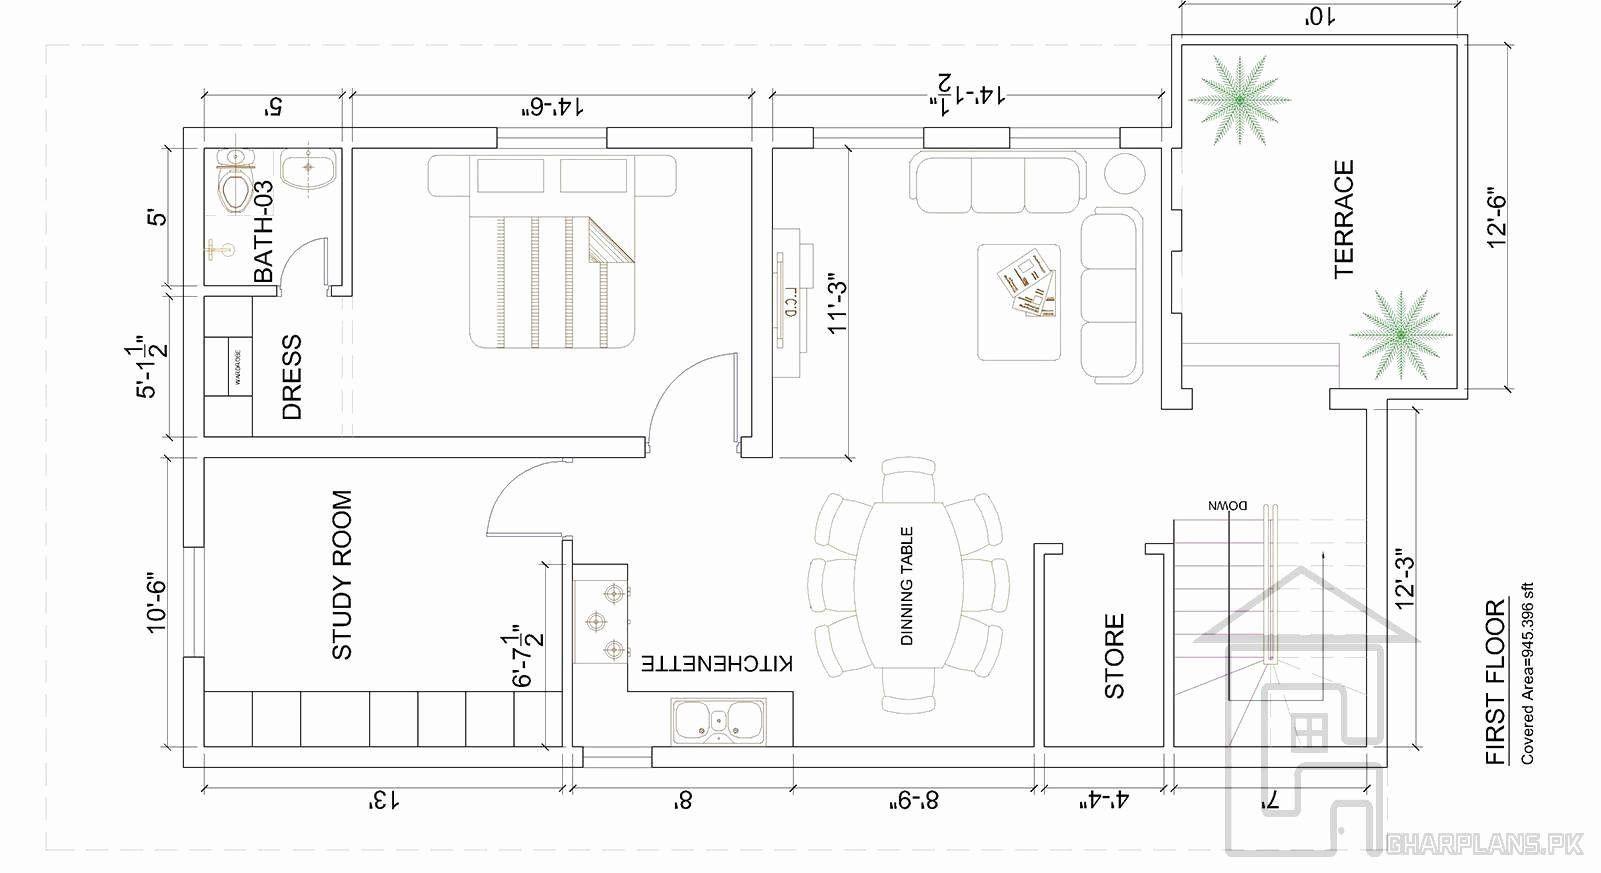 Hobbit house fresh floor plans also in pinterest rh